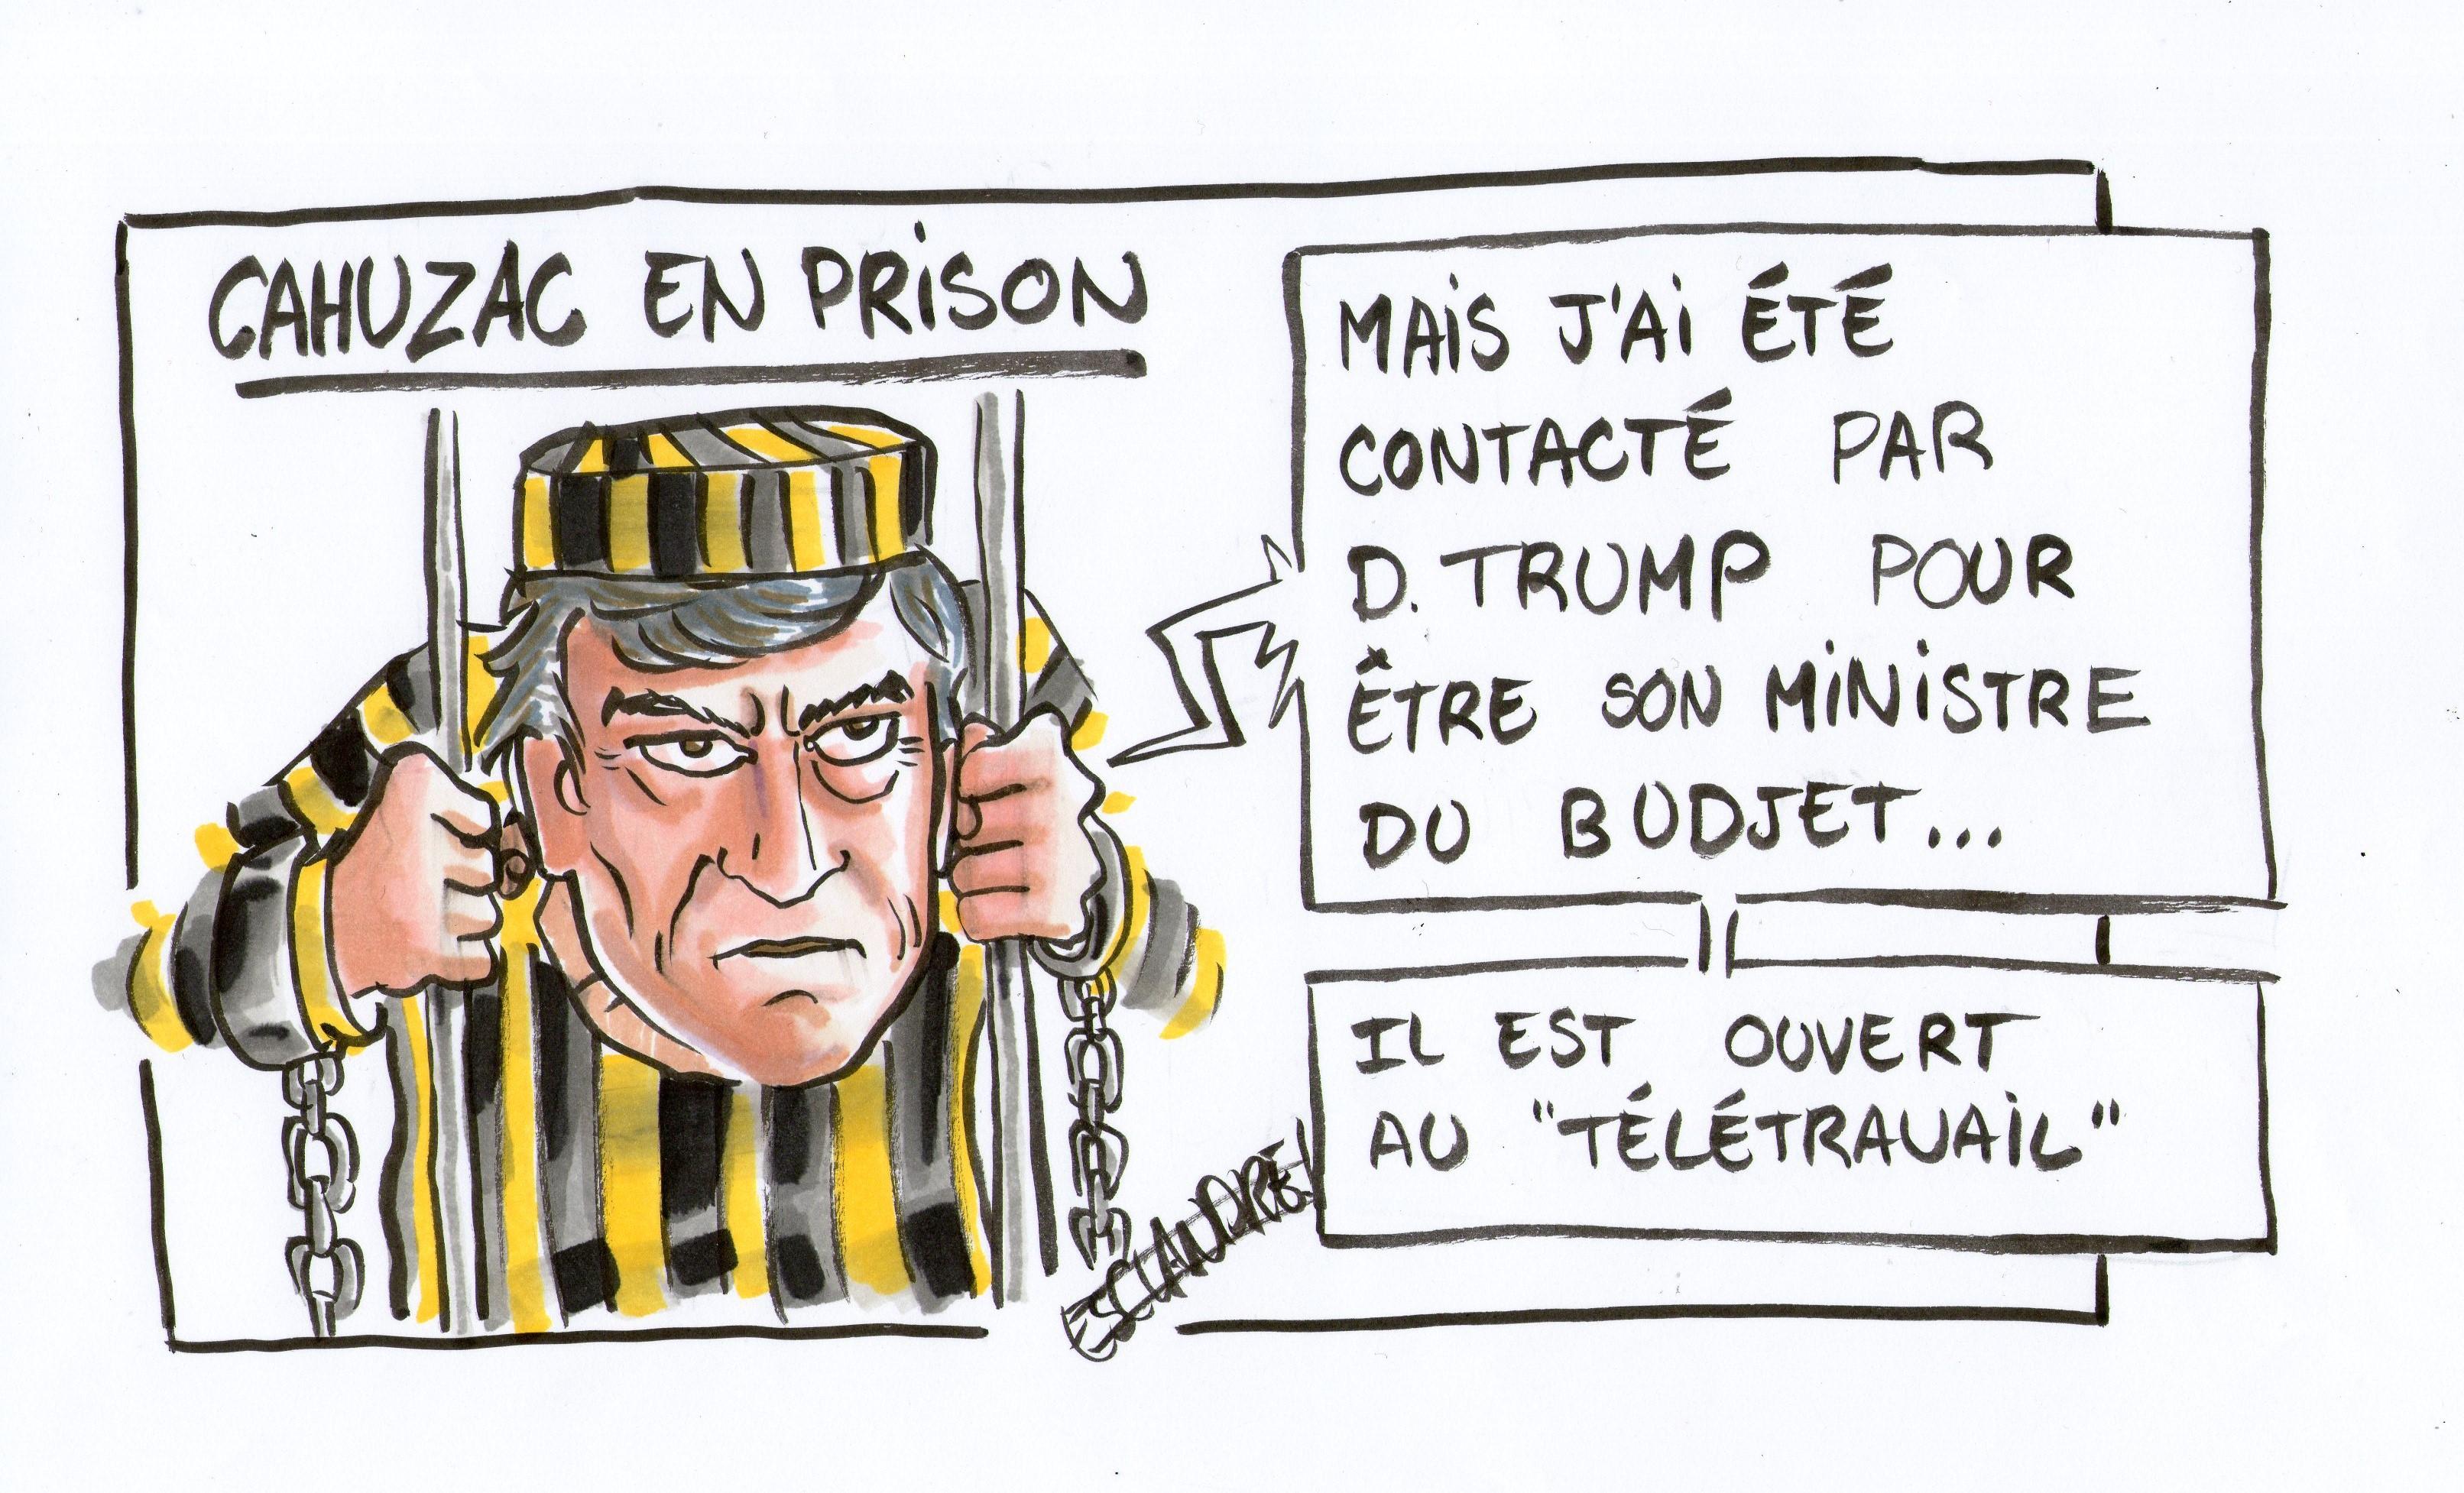 Cahuzac en prison : de nouvelles opportunités de carrière